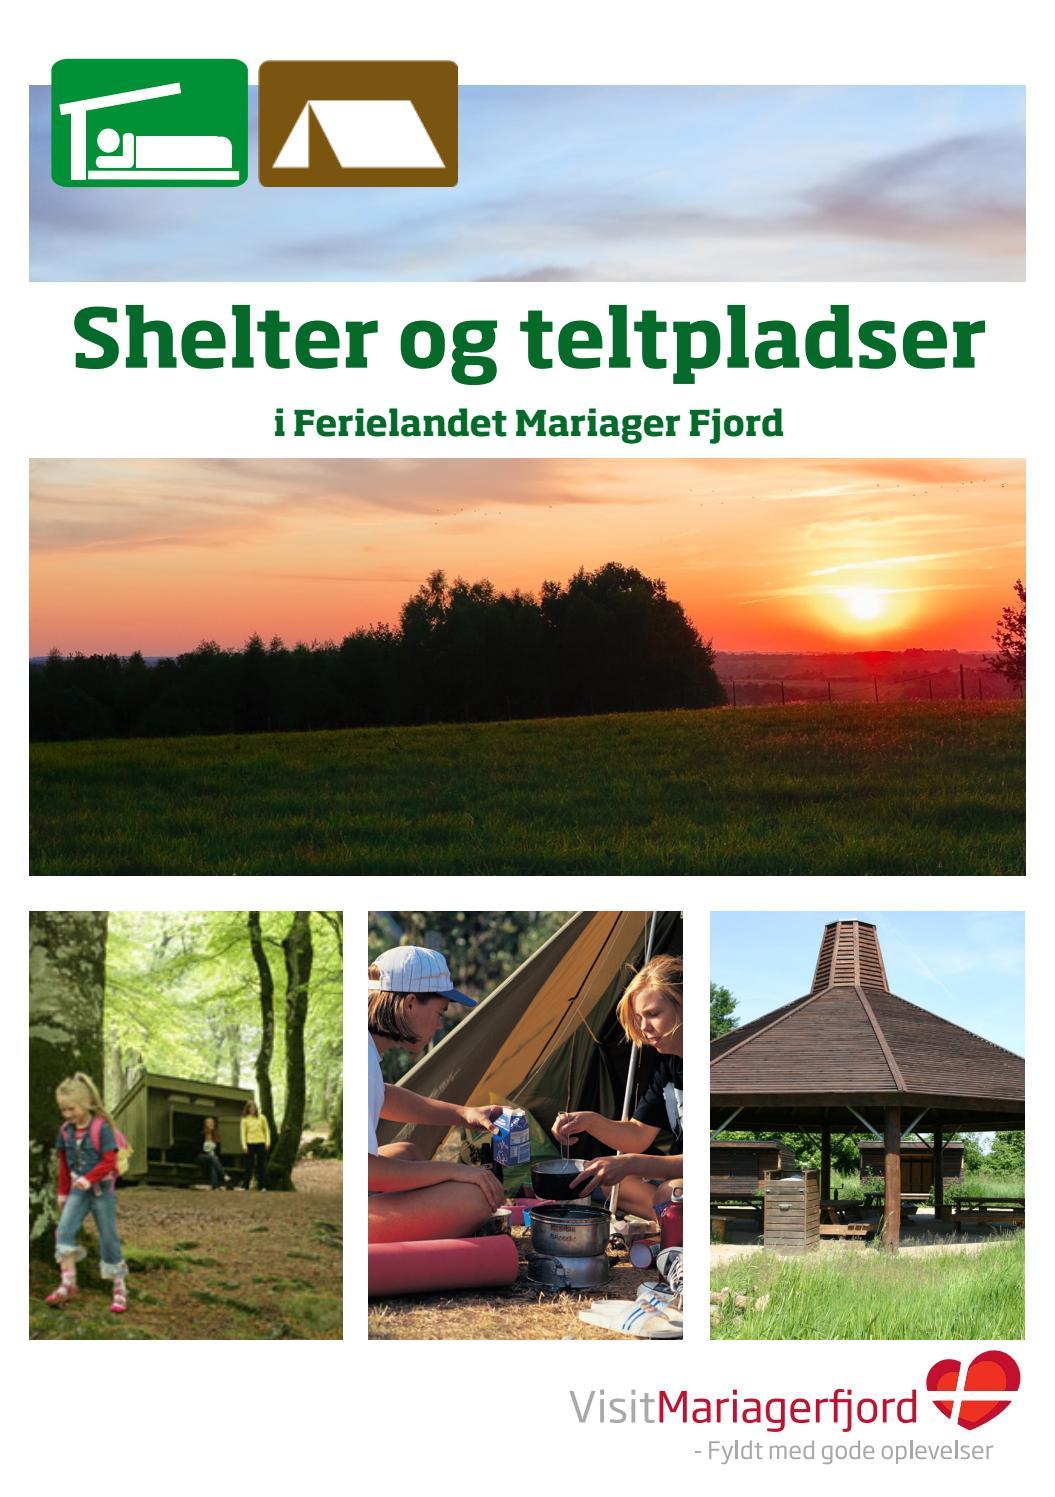 Shelter Og Teltpladser By Visitmariagerfjord Issuu